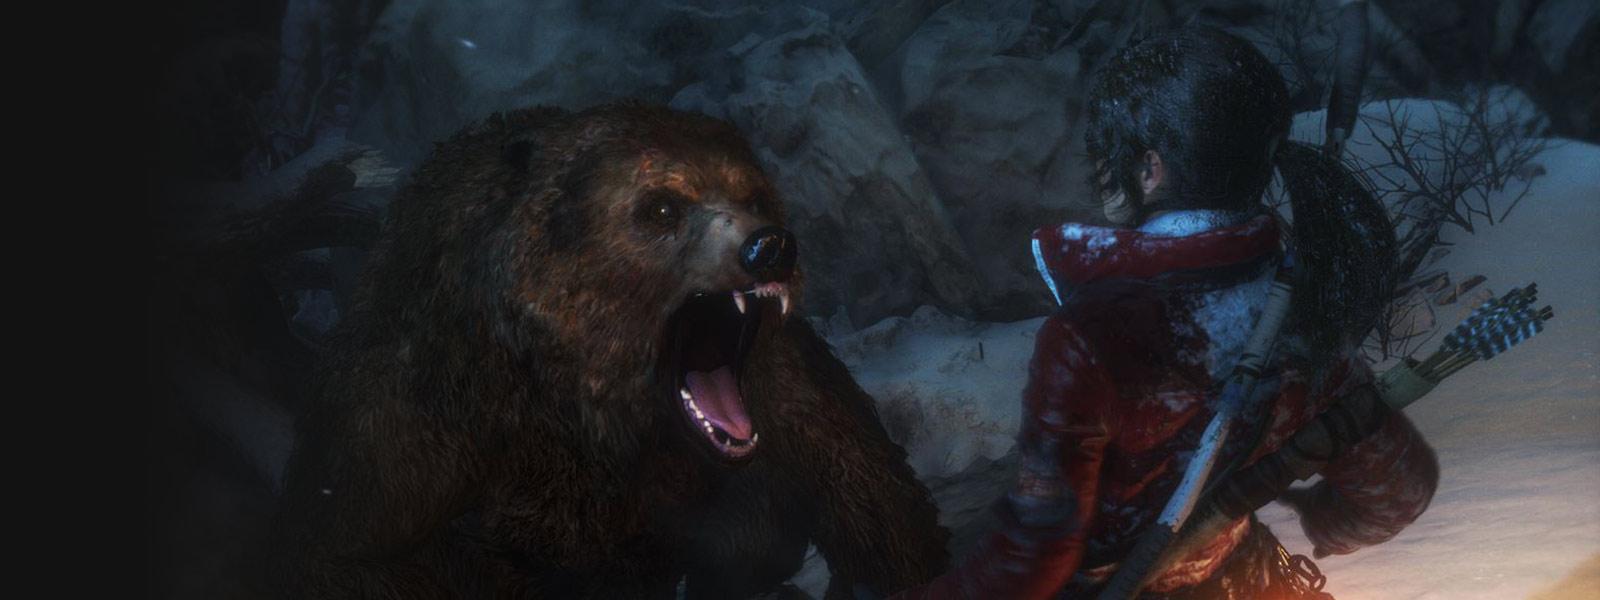 Lara oog in oog met een grote grizzlybeer